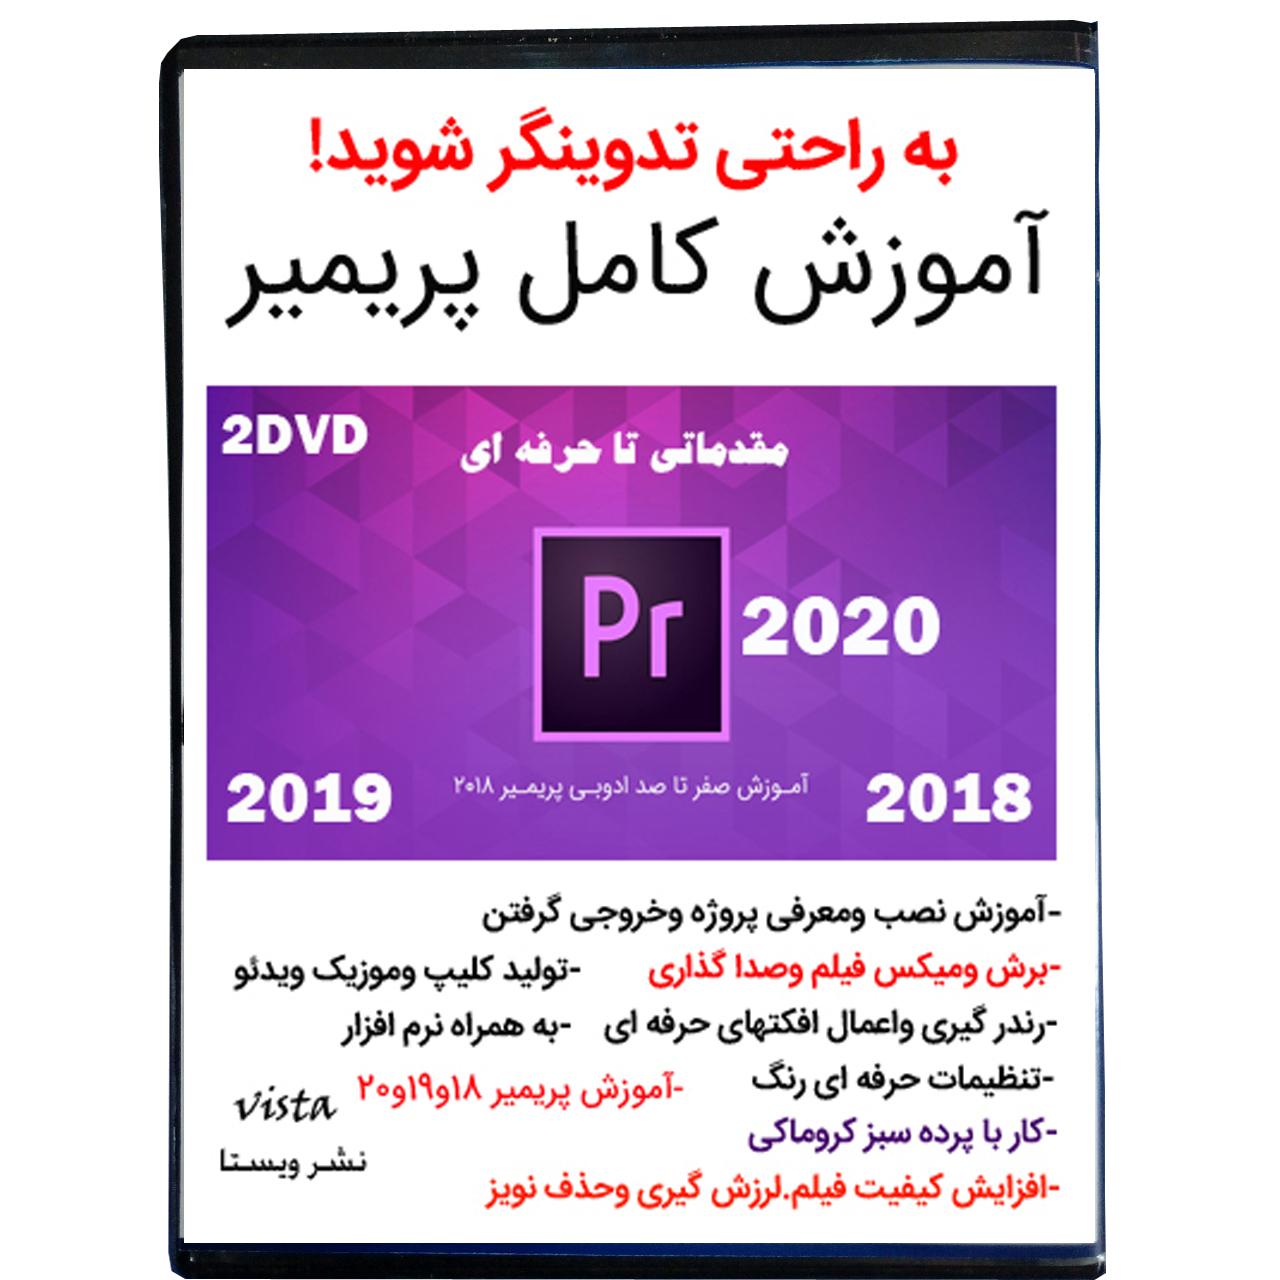 خرید اینترنتی نرم افزار آموزش کامل پریمیر 2019 نشر ویستا